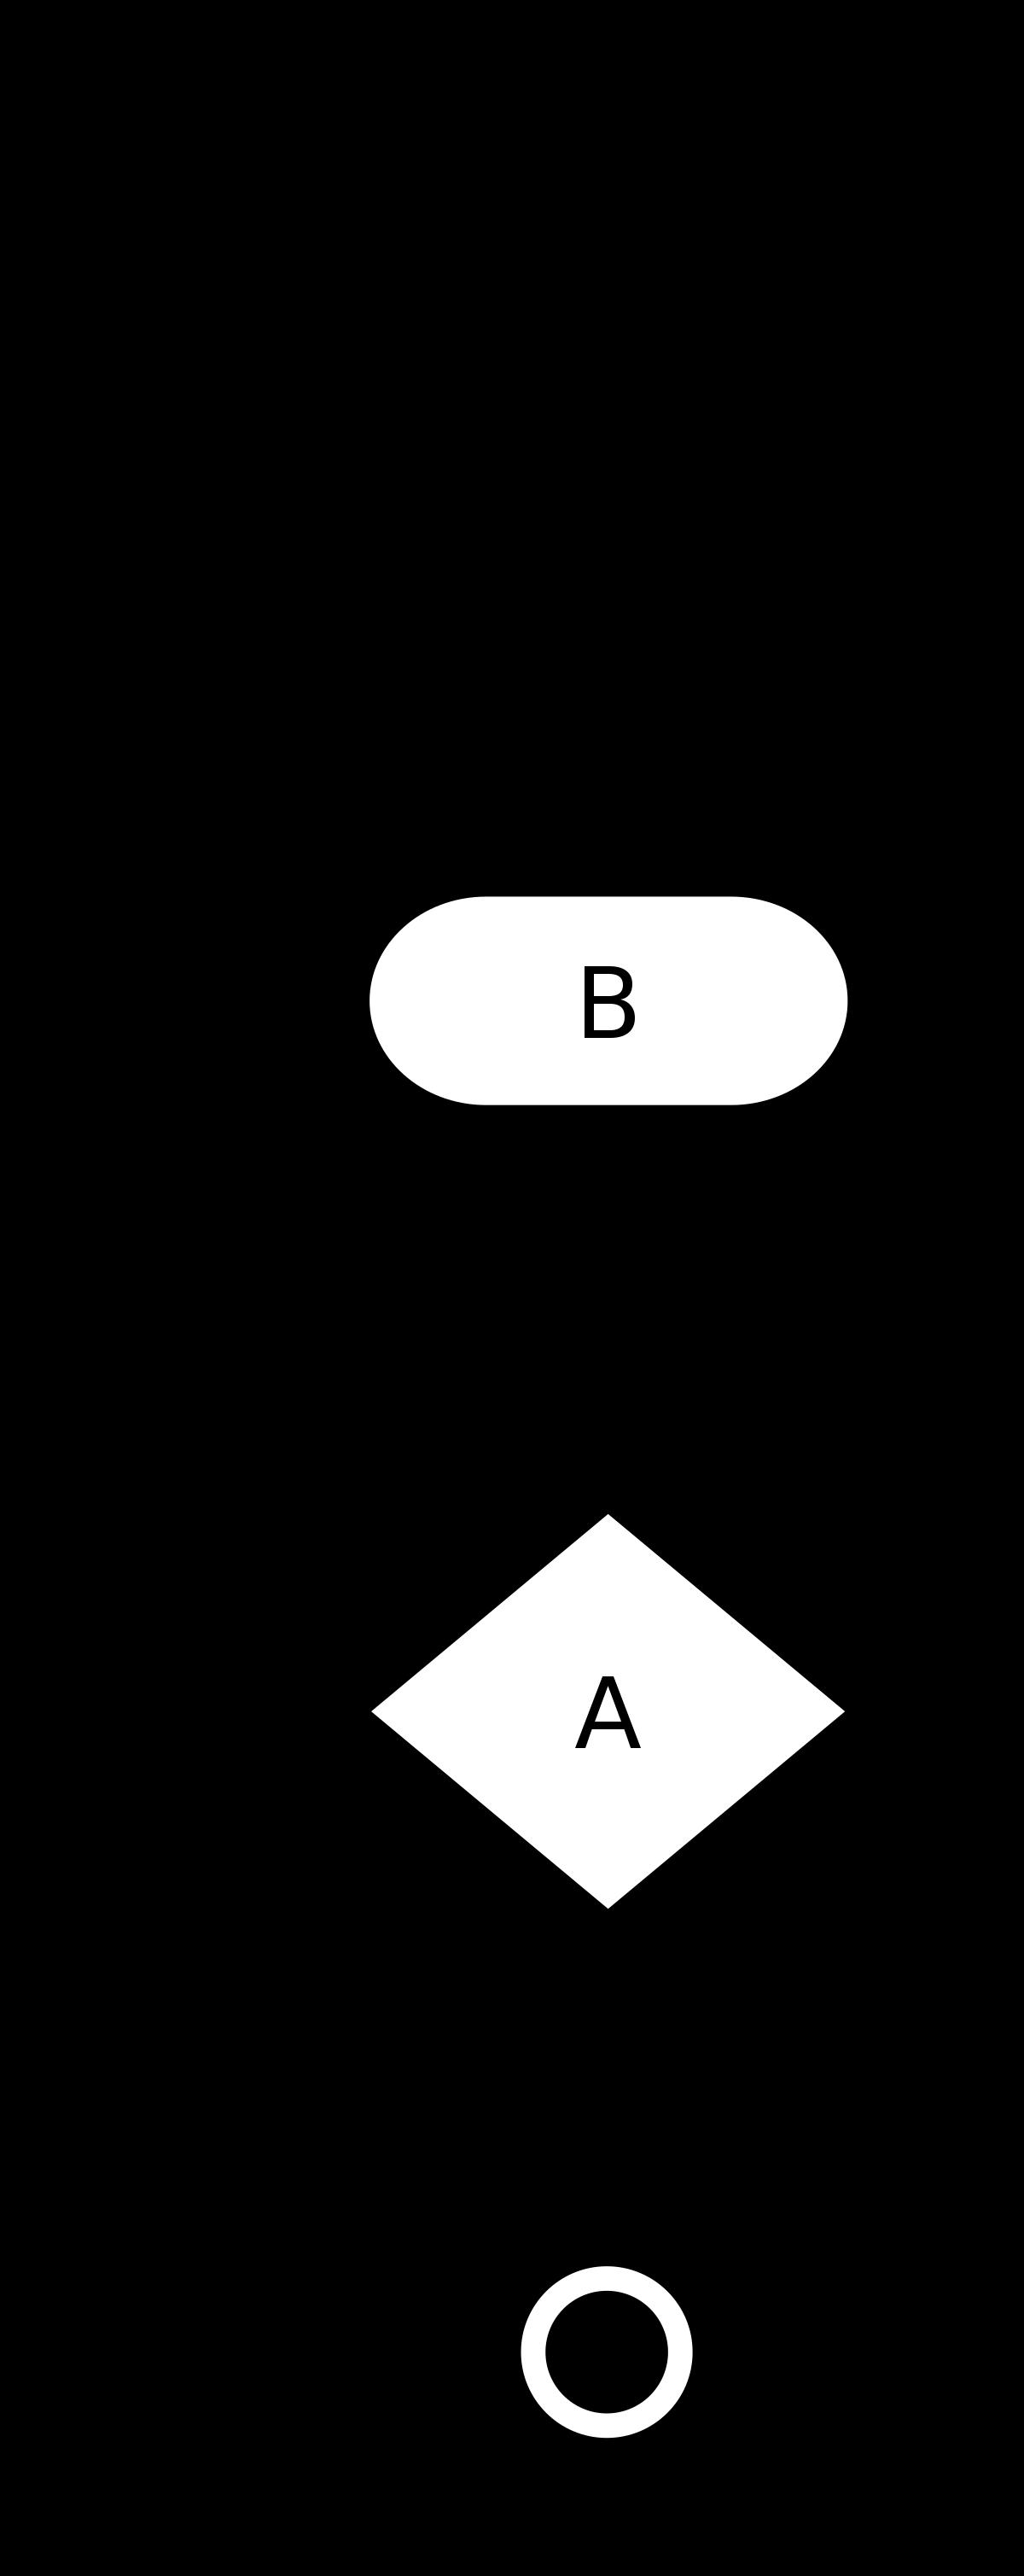 Bika szalagféreg életciklusa - Bika lánc szakaszai